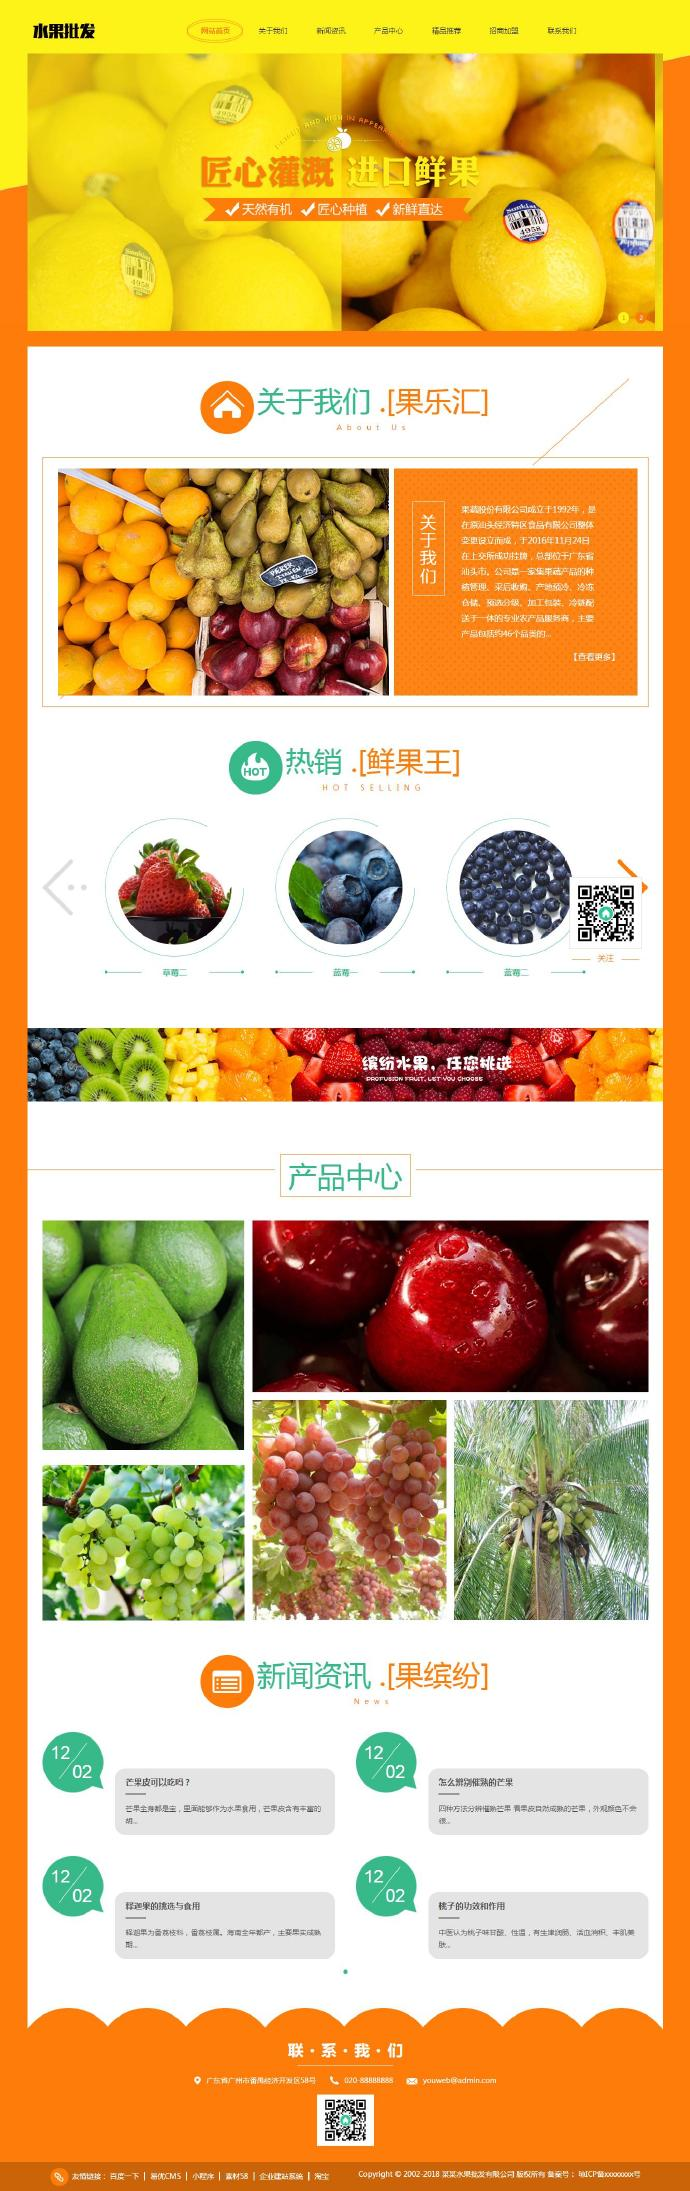 蔬菜水果批发类网站织梦模板